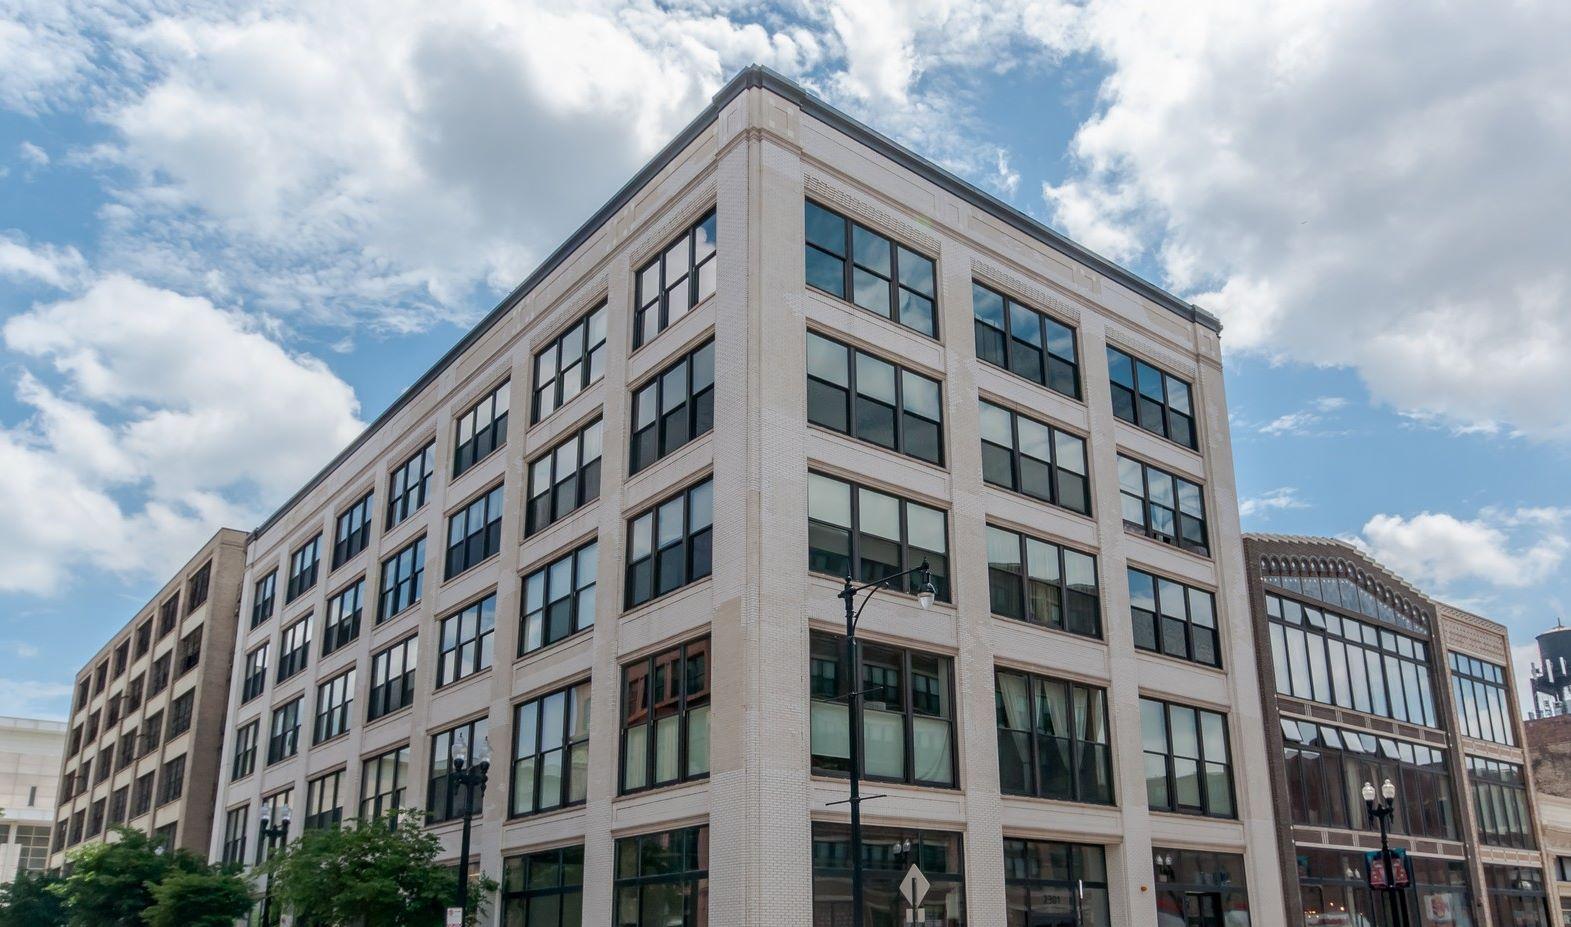 Condominium for Sale at South Loop Gem 2303 S Michigan Avenue Unit 210 Chicago, Illinois 60616 United States